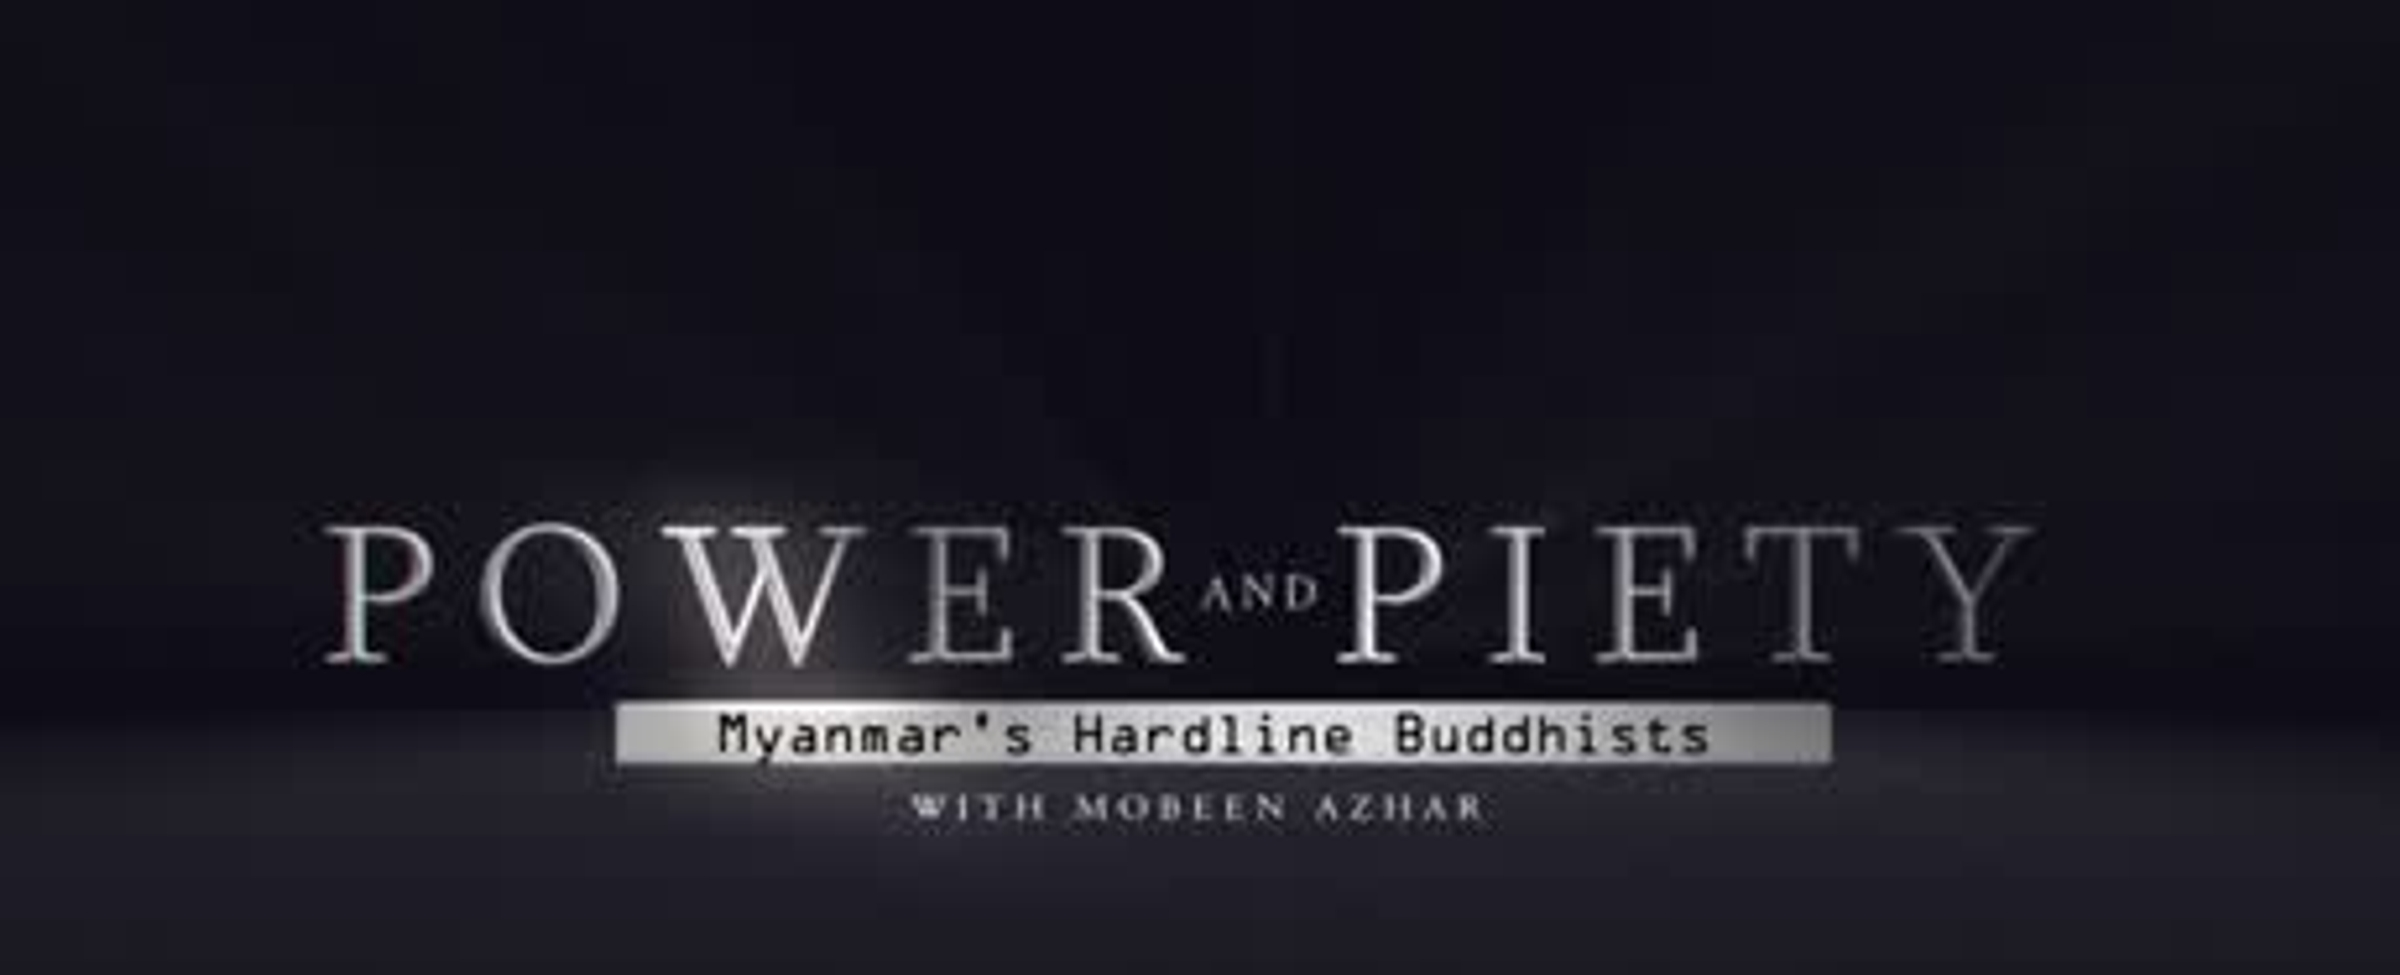 Myanmarští radikální buddhisté